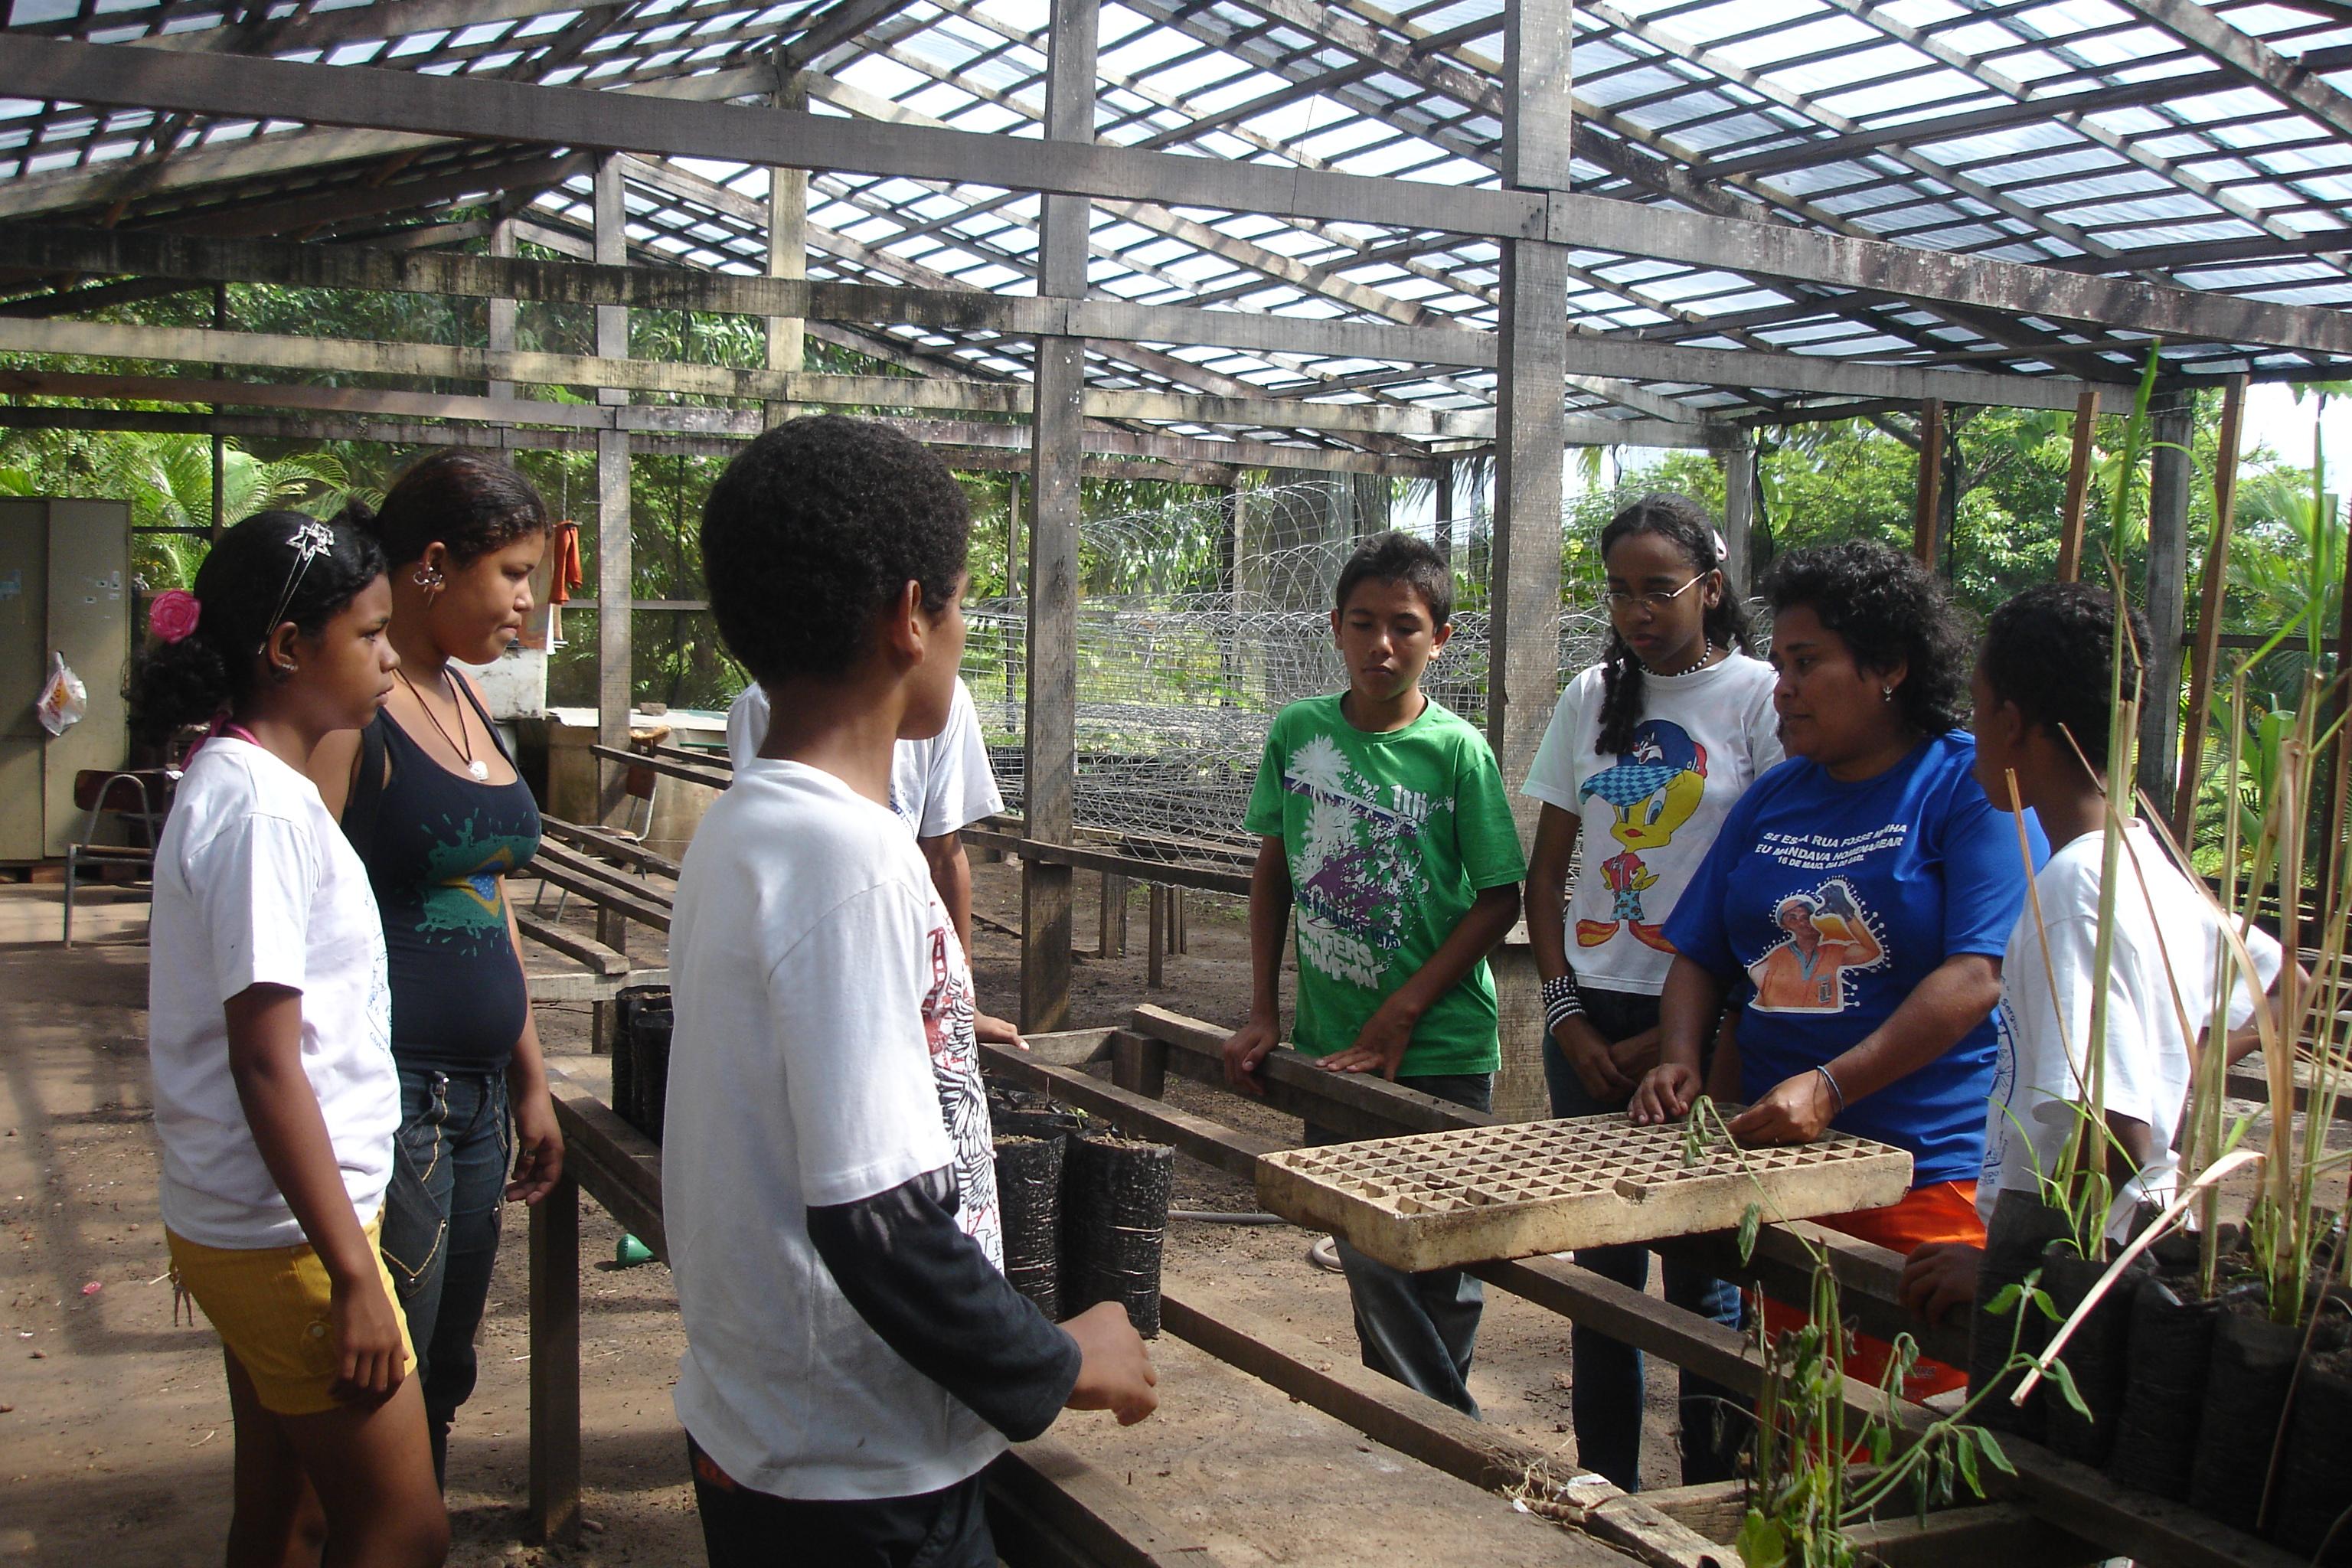 Alunos do Clube de Ciências visitam o horto do Parque da Sementeira